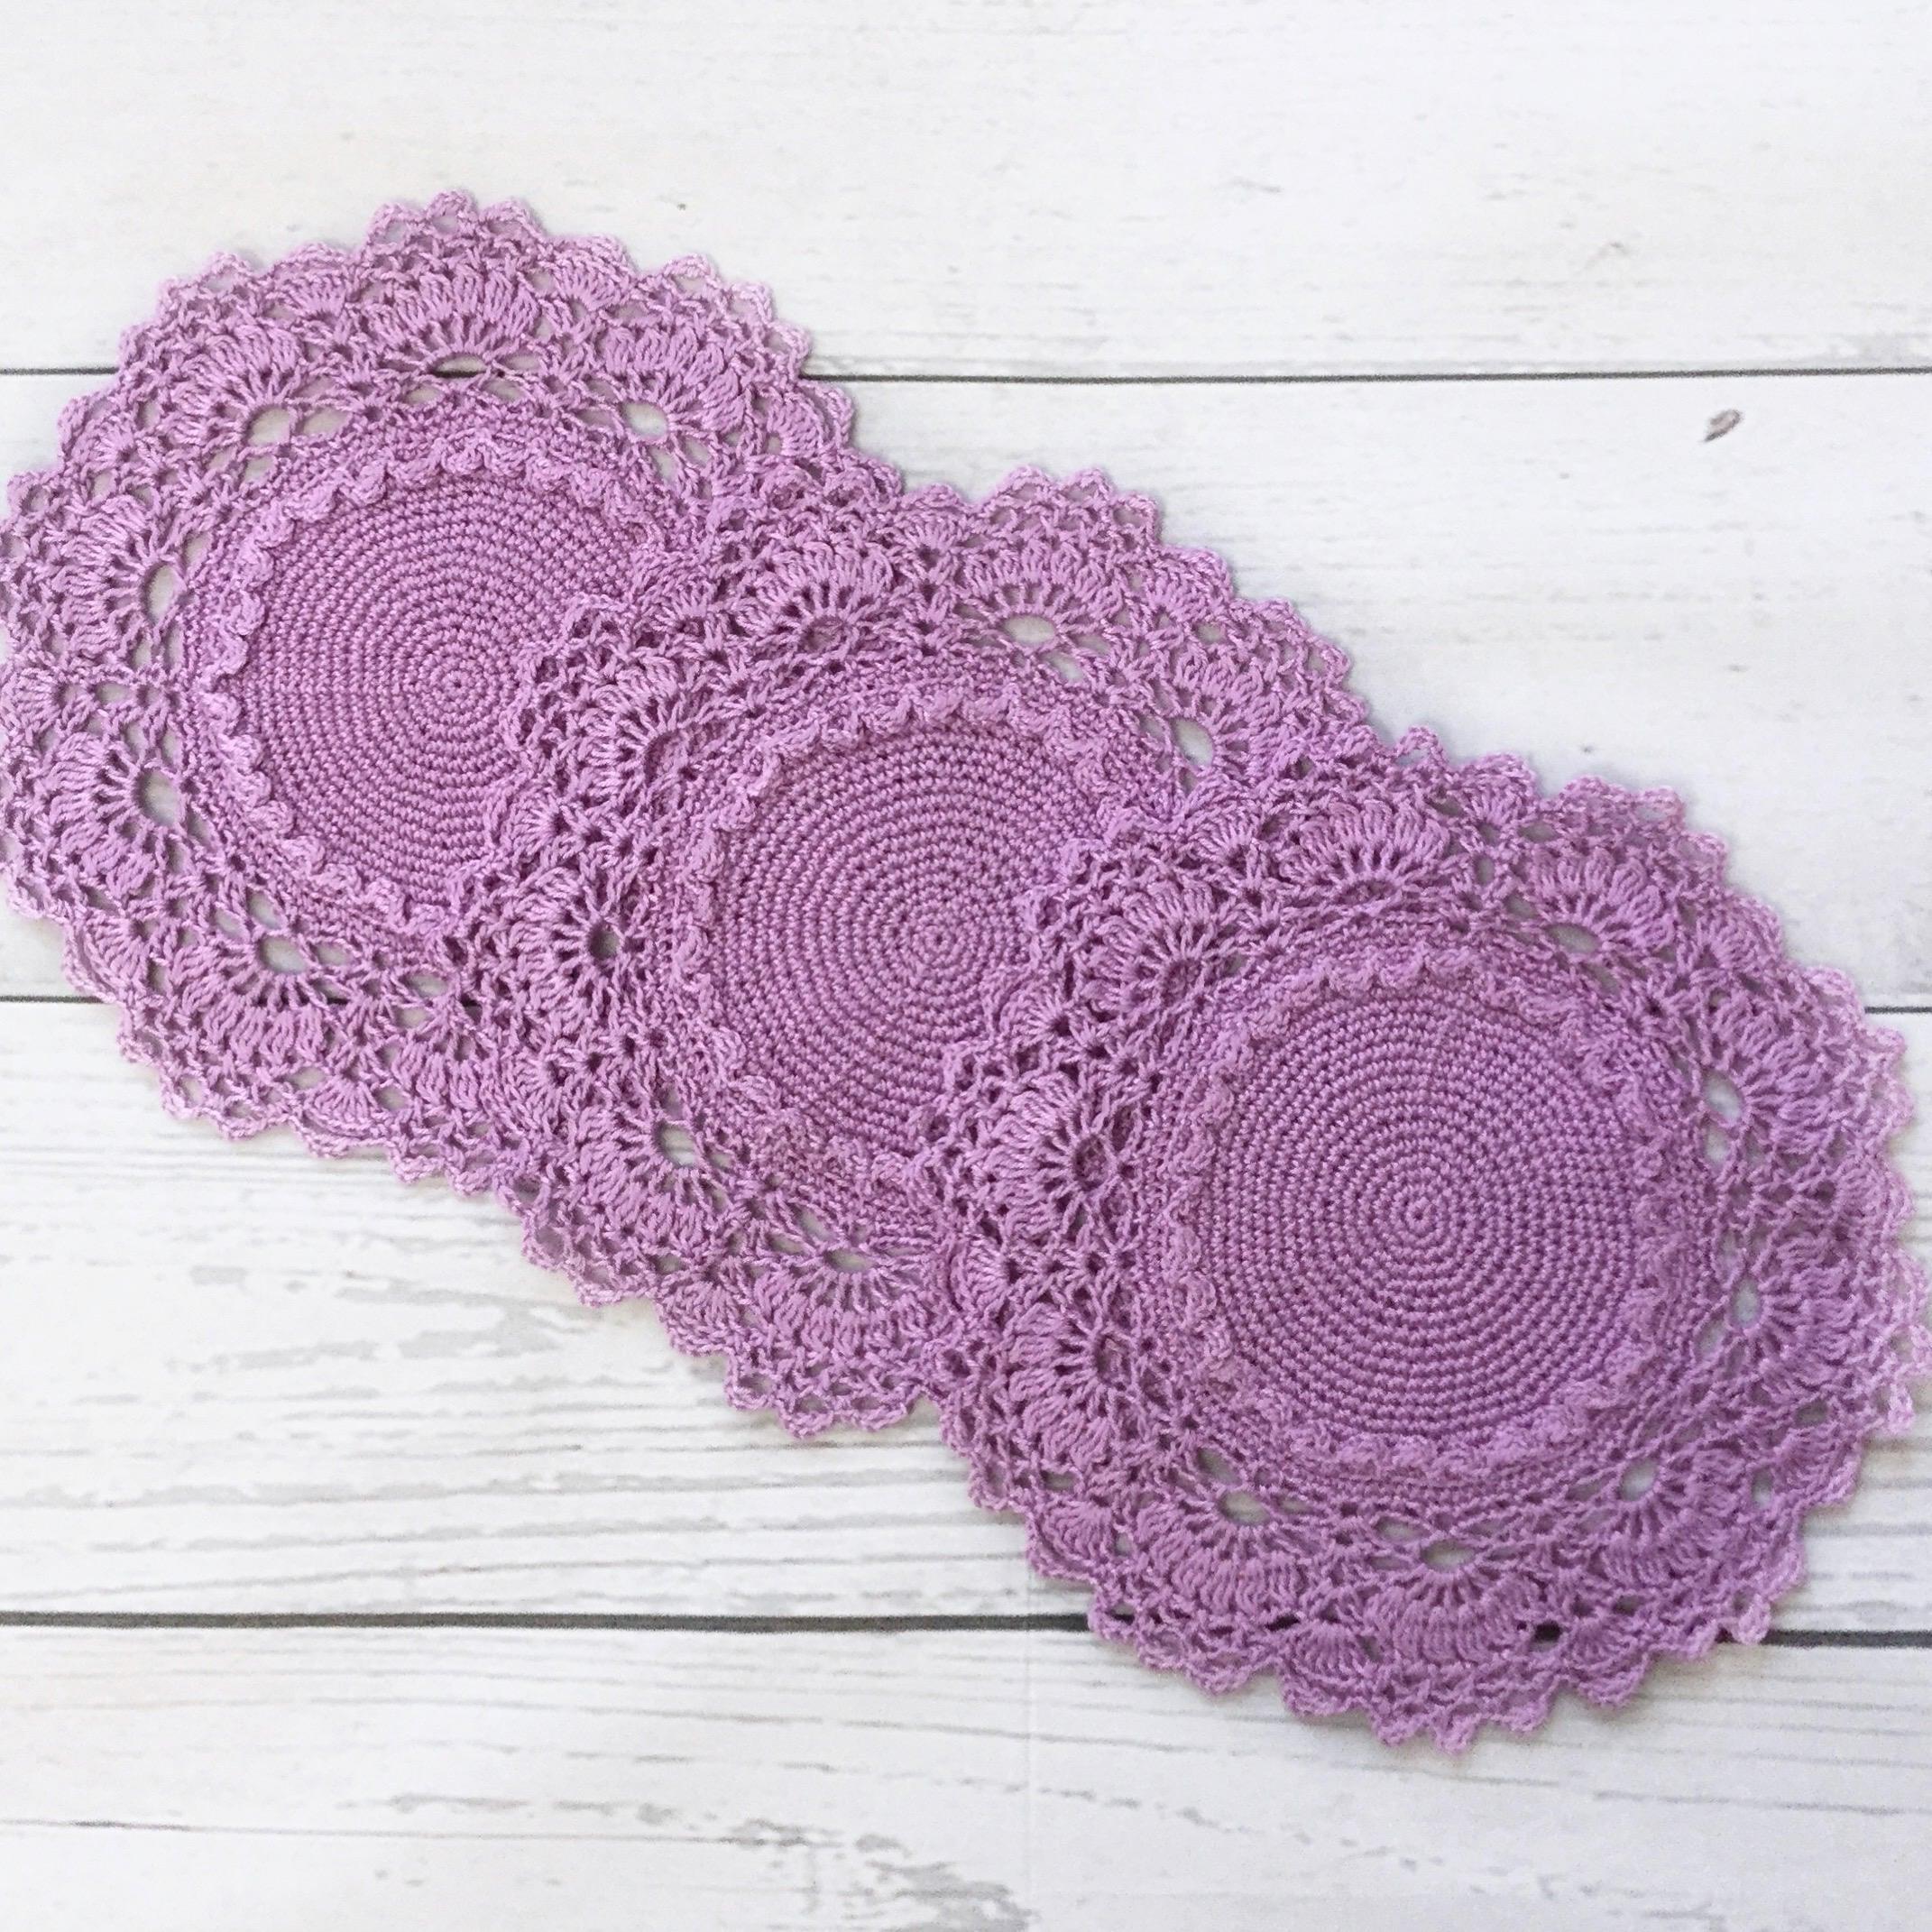 Violett Deckchen häkeln Spitzendeckchen von Patricia